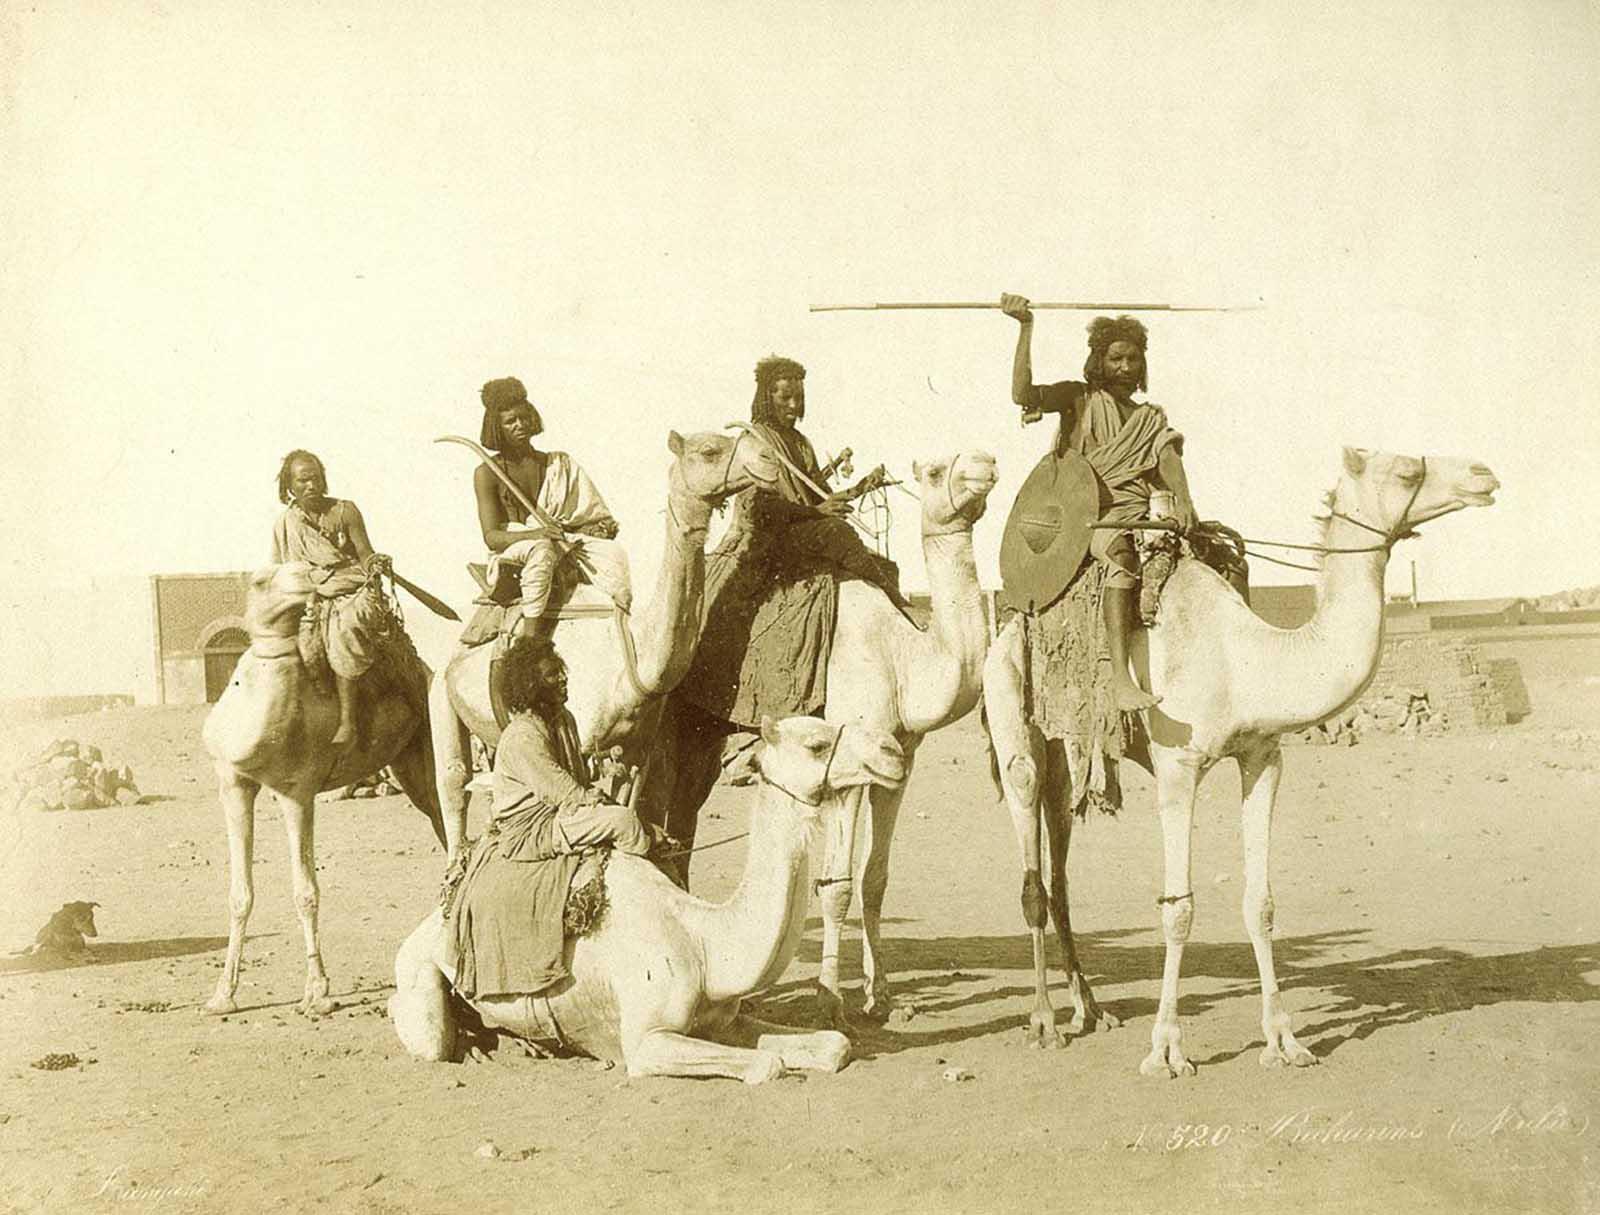 Des images magnifiques, de l'Egypte par les frères Zangaki, 1870-1890